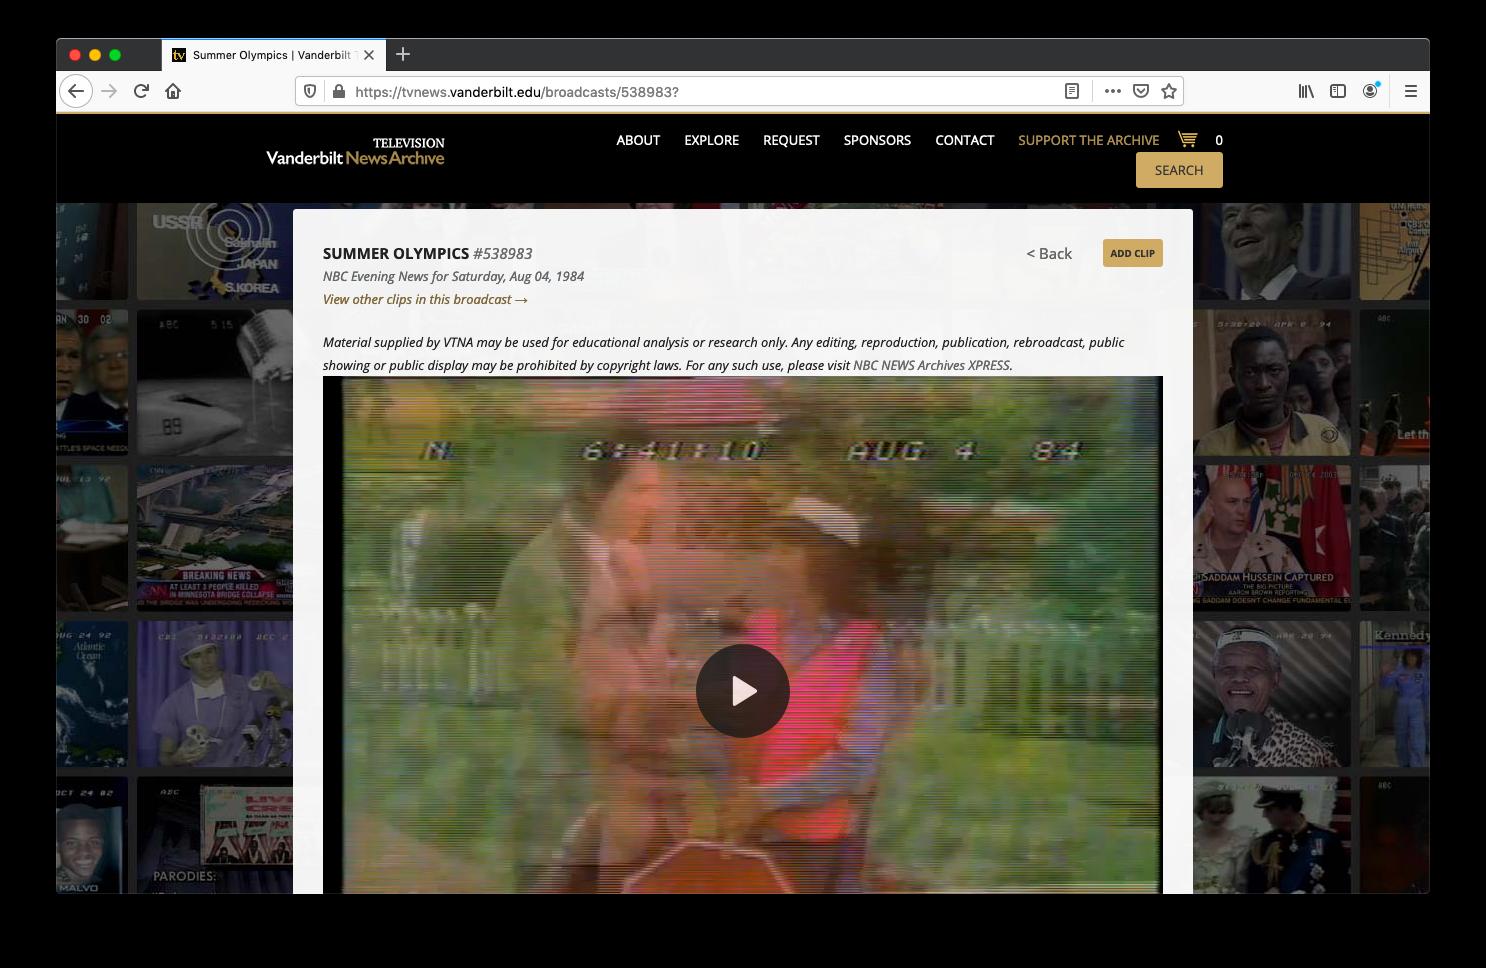 A news clip screenshot